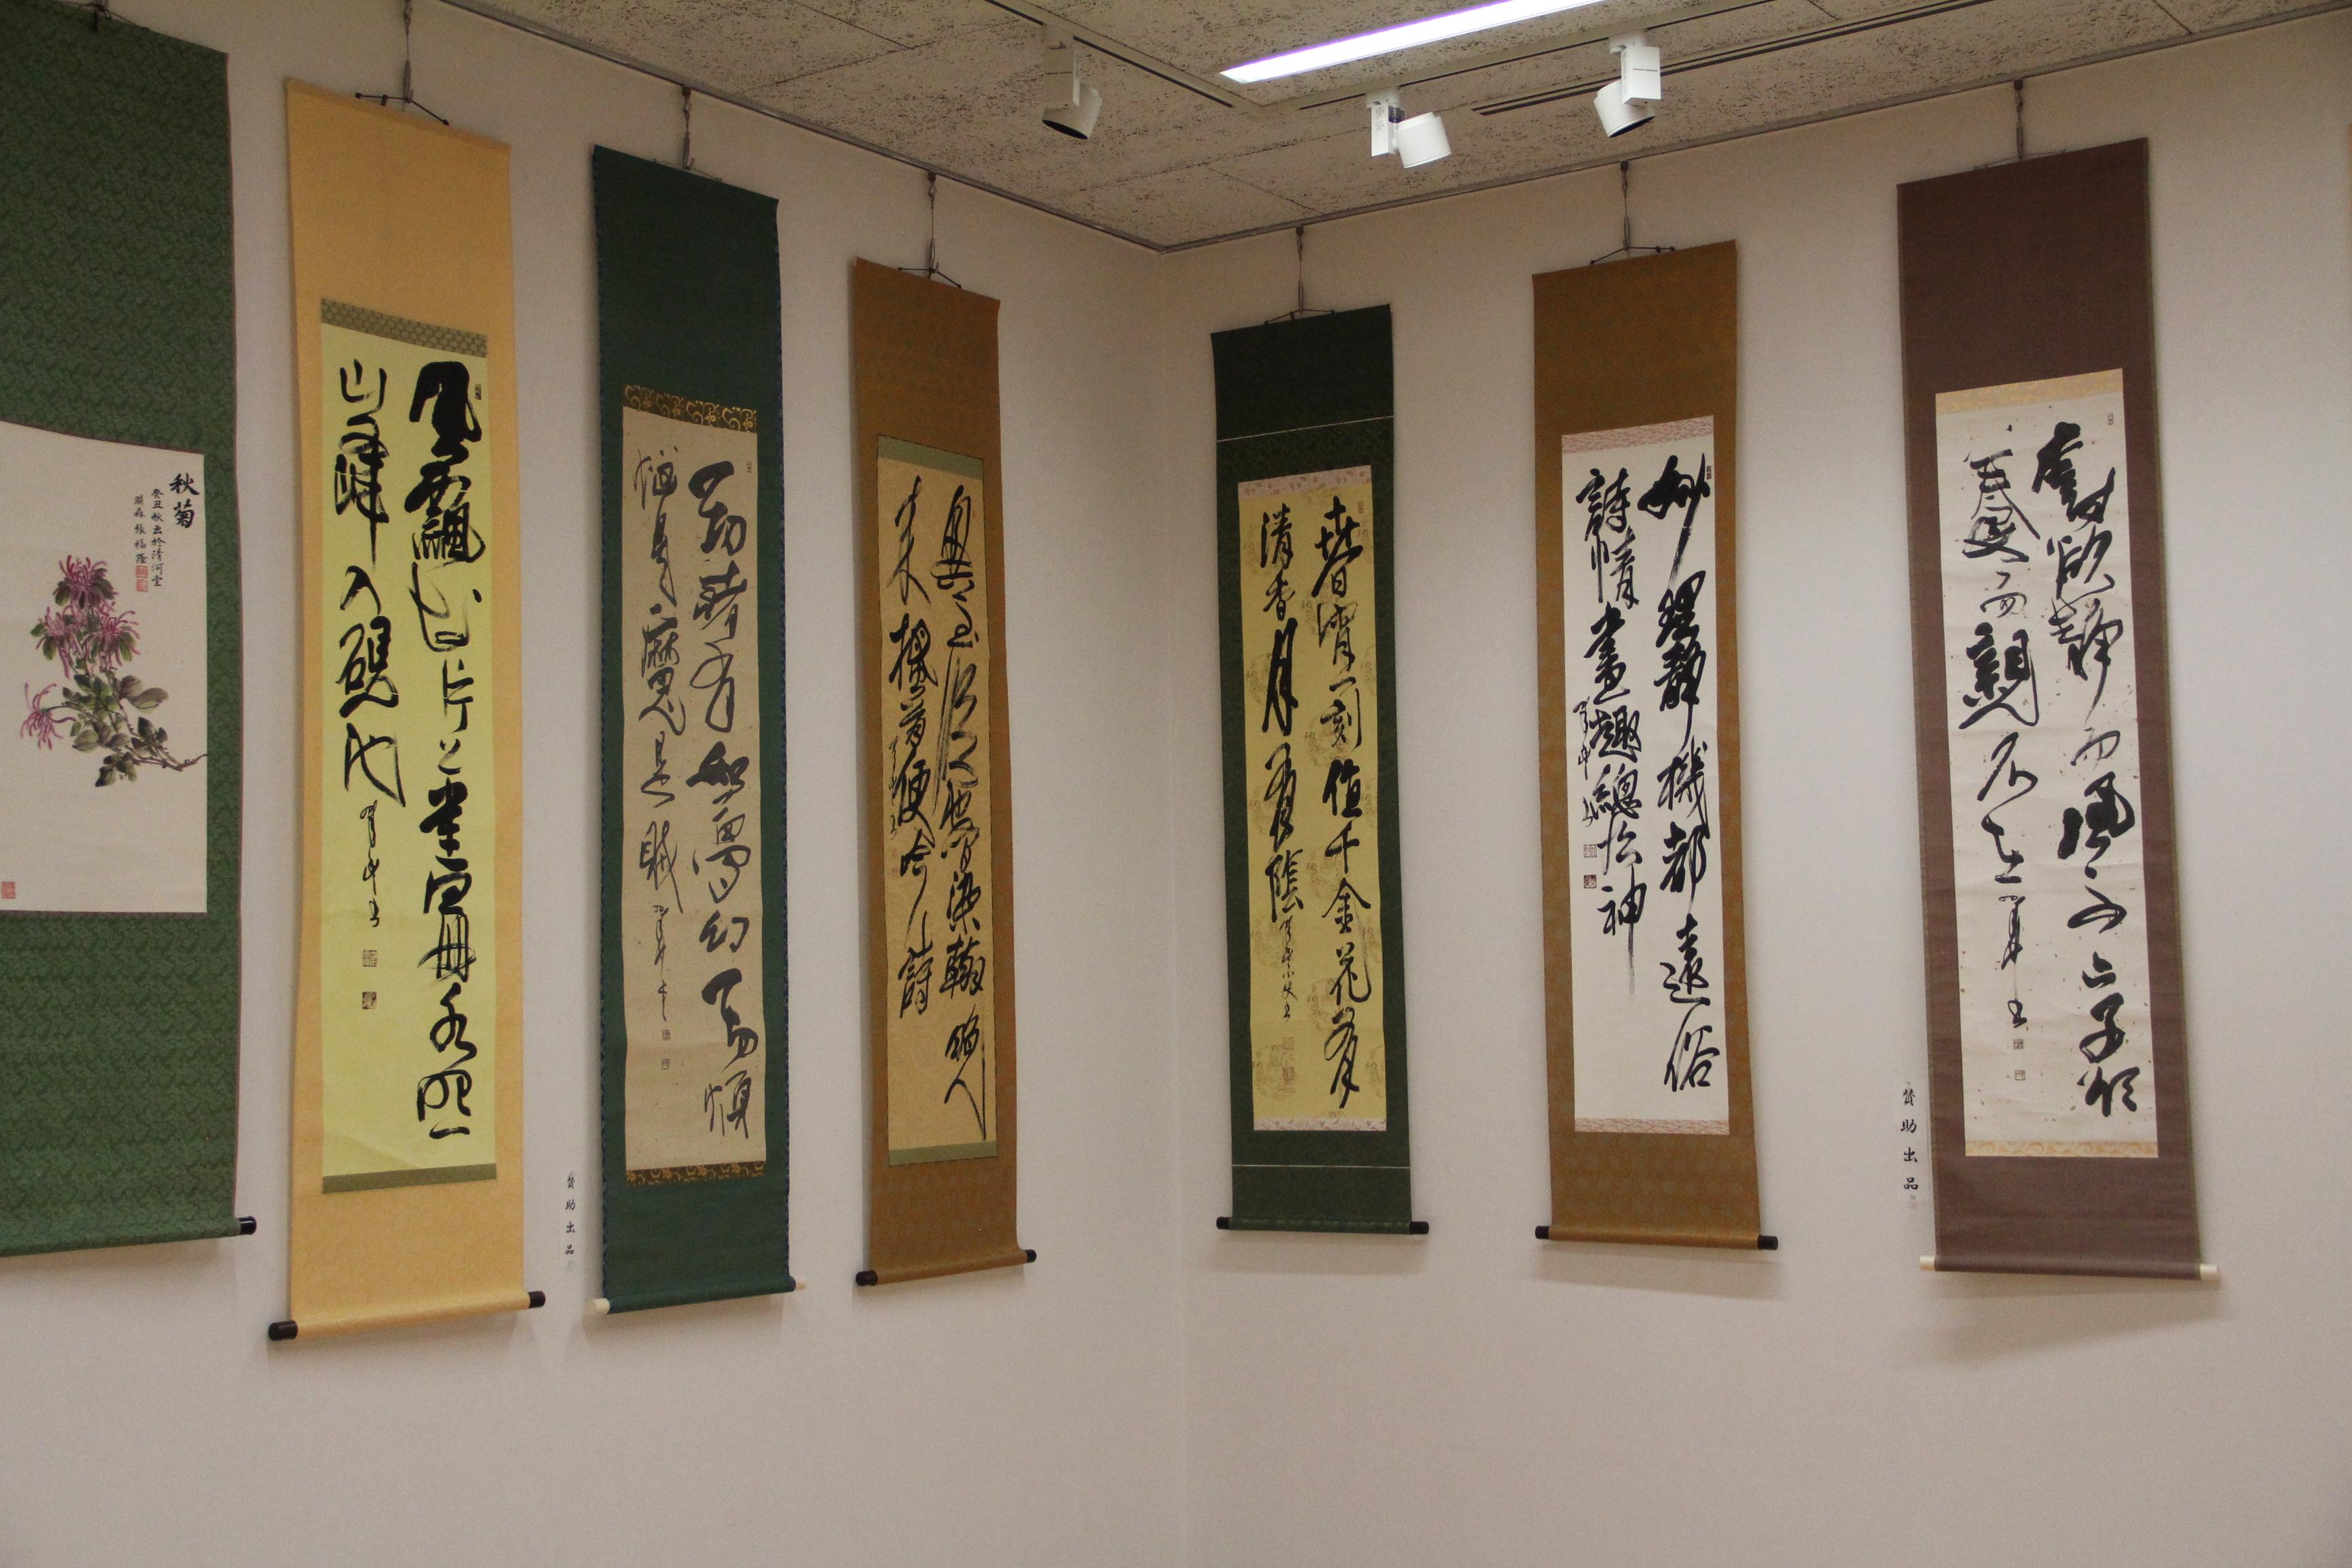 http://hacchi.jp/blog/upload/images/250805-3.JPG